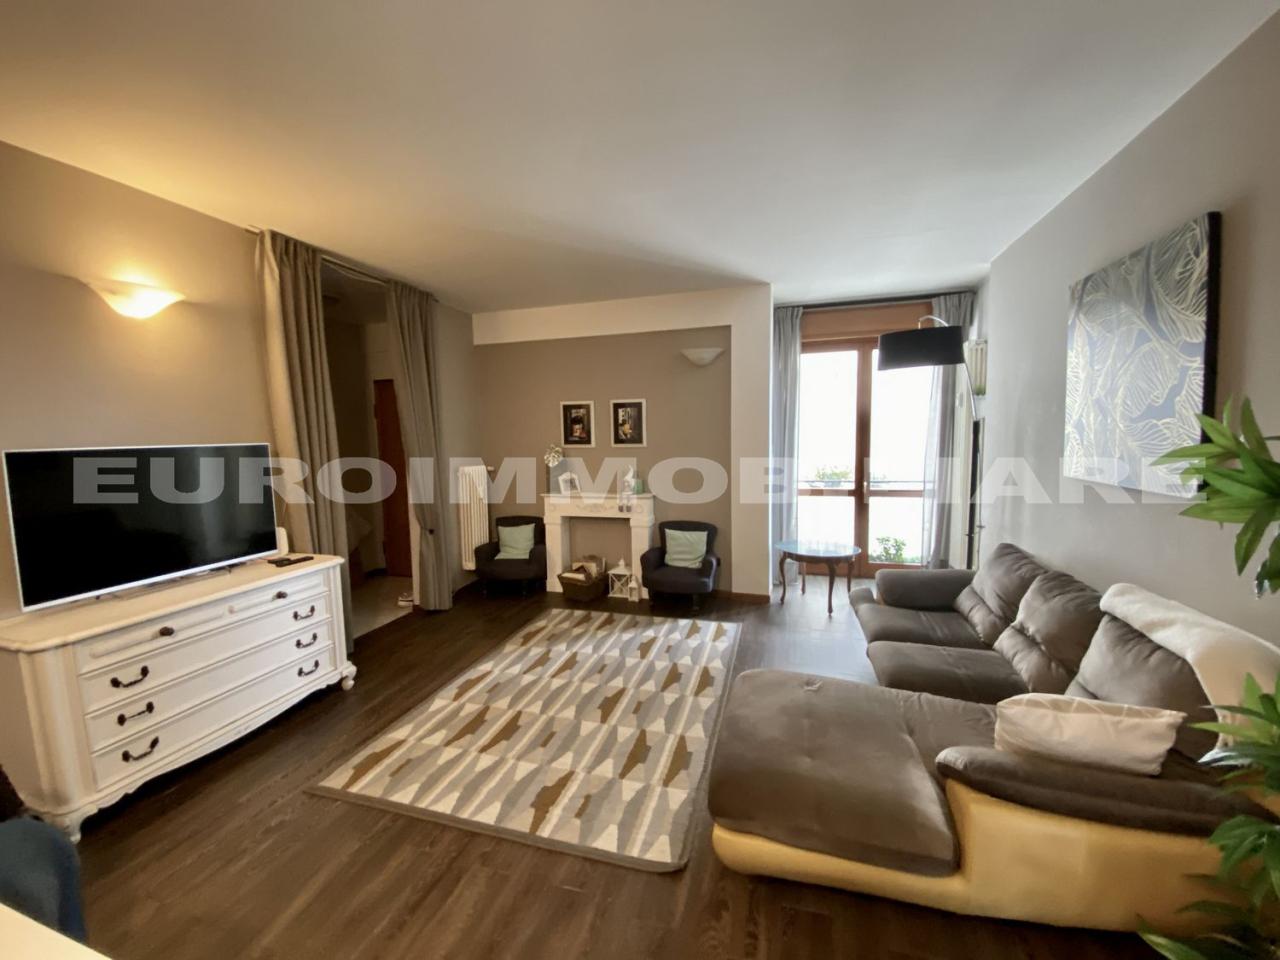 Appartamento in vendita a Bovezzo, 4 locali, prezzo € 190.000 | CambioCasa.it